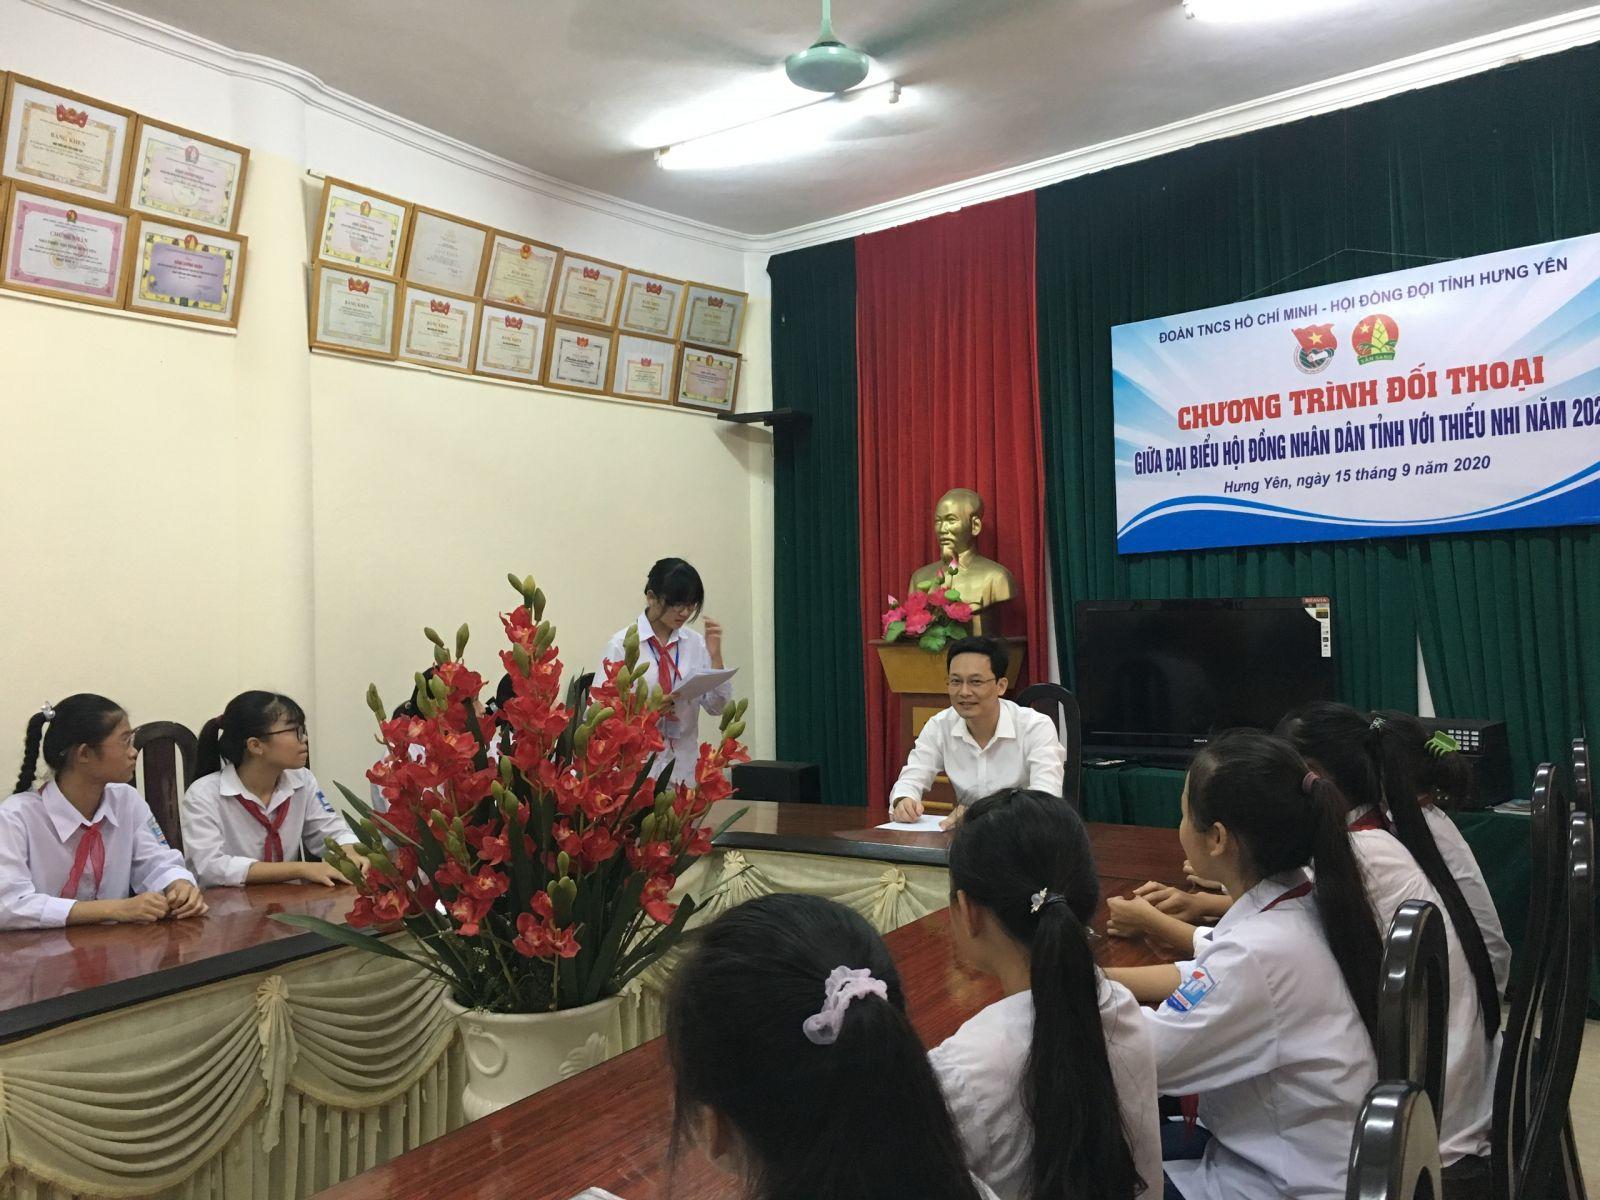 Chương trình đối thoại giữa Đại biểu HĐND tỉnh Hưng Yên với thiếu nhi năm 2020